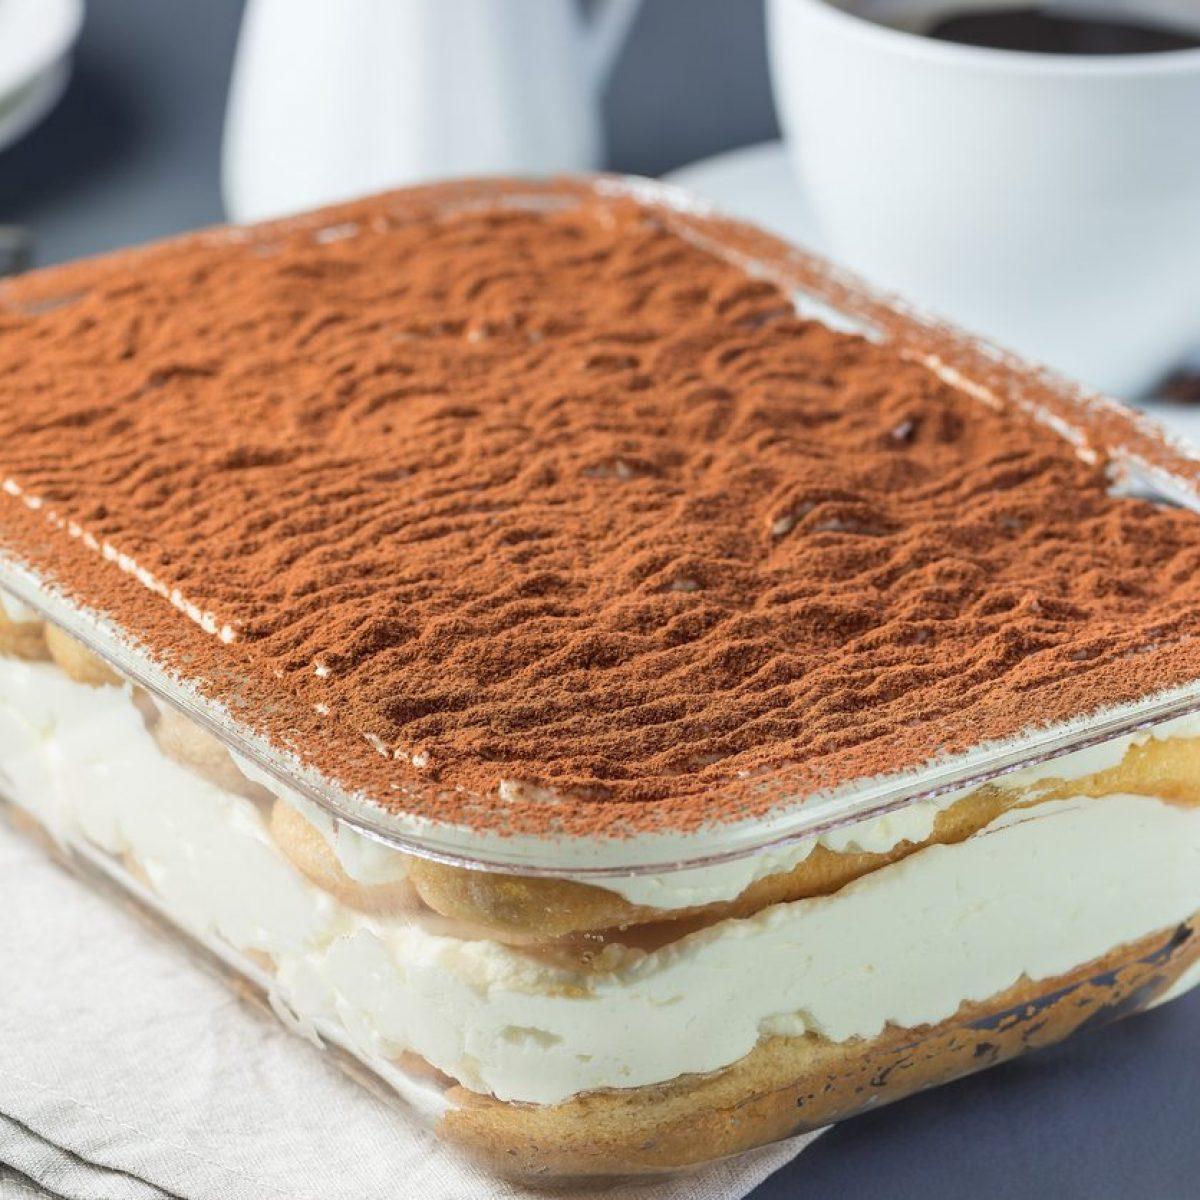 Ricetta Tiramisu Al Caffe E Panna.Tiramisu Per Bambini La Ricetta Del Dolce Veloce Senza Caffe